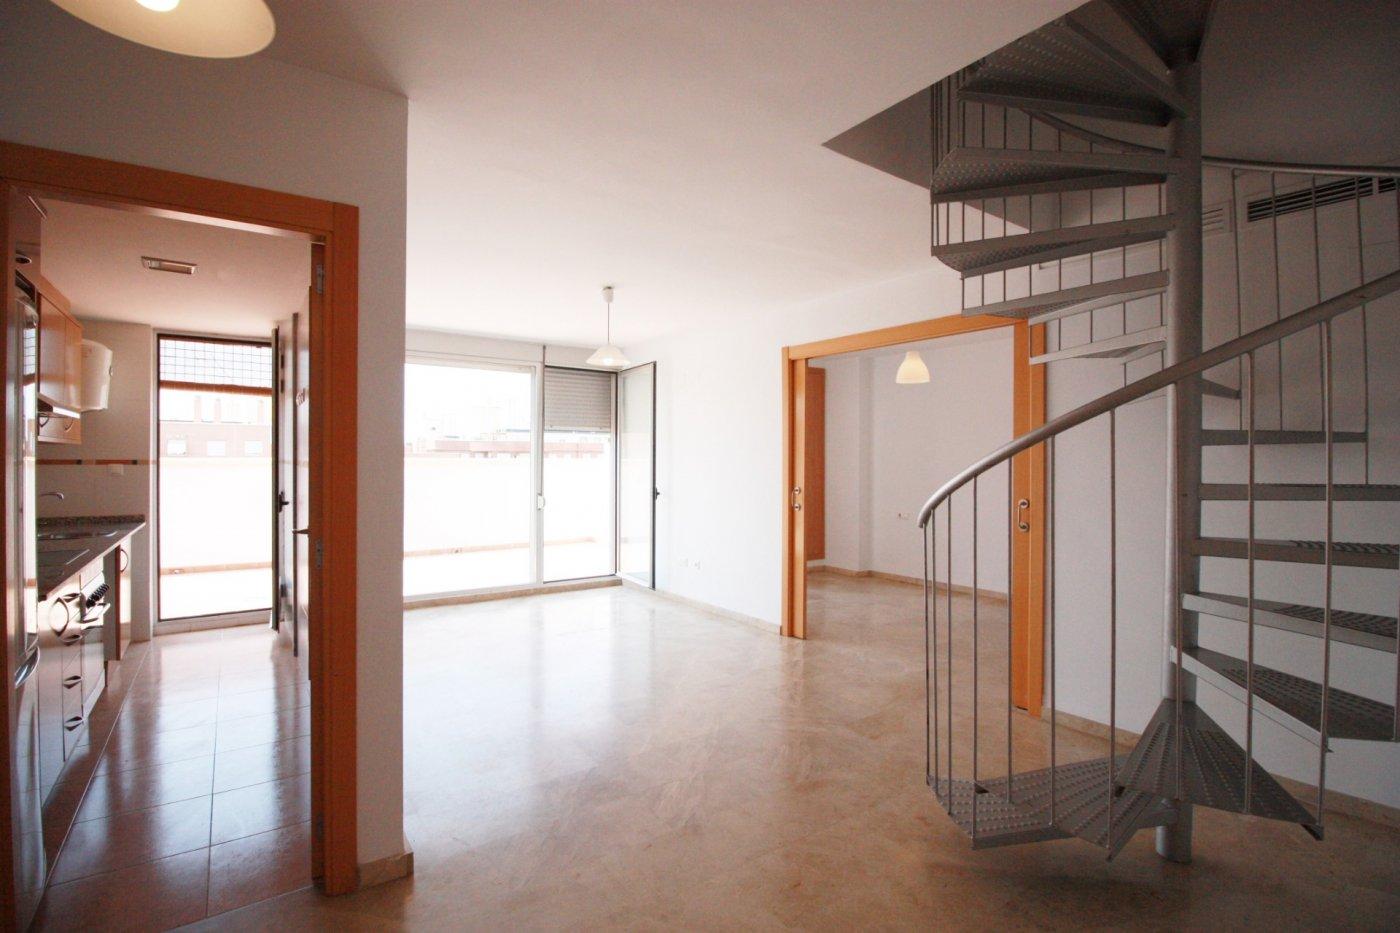 Location Appartement  Alaquas ,alameda. Se alquila atico duplex en zona alameda de alaquas